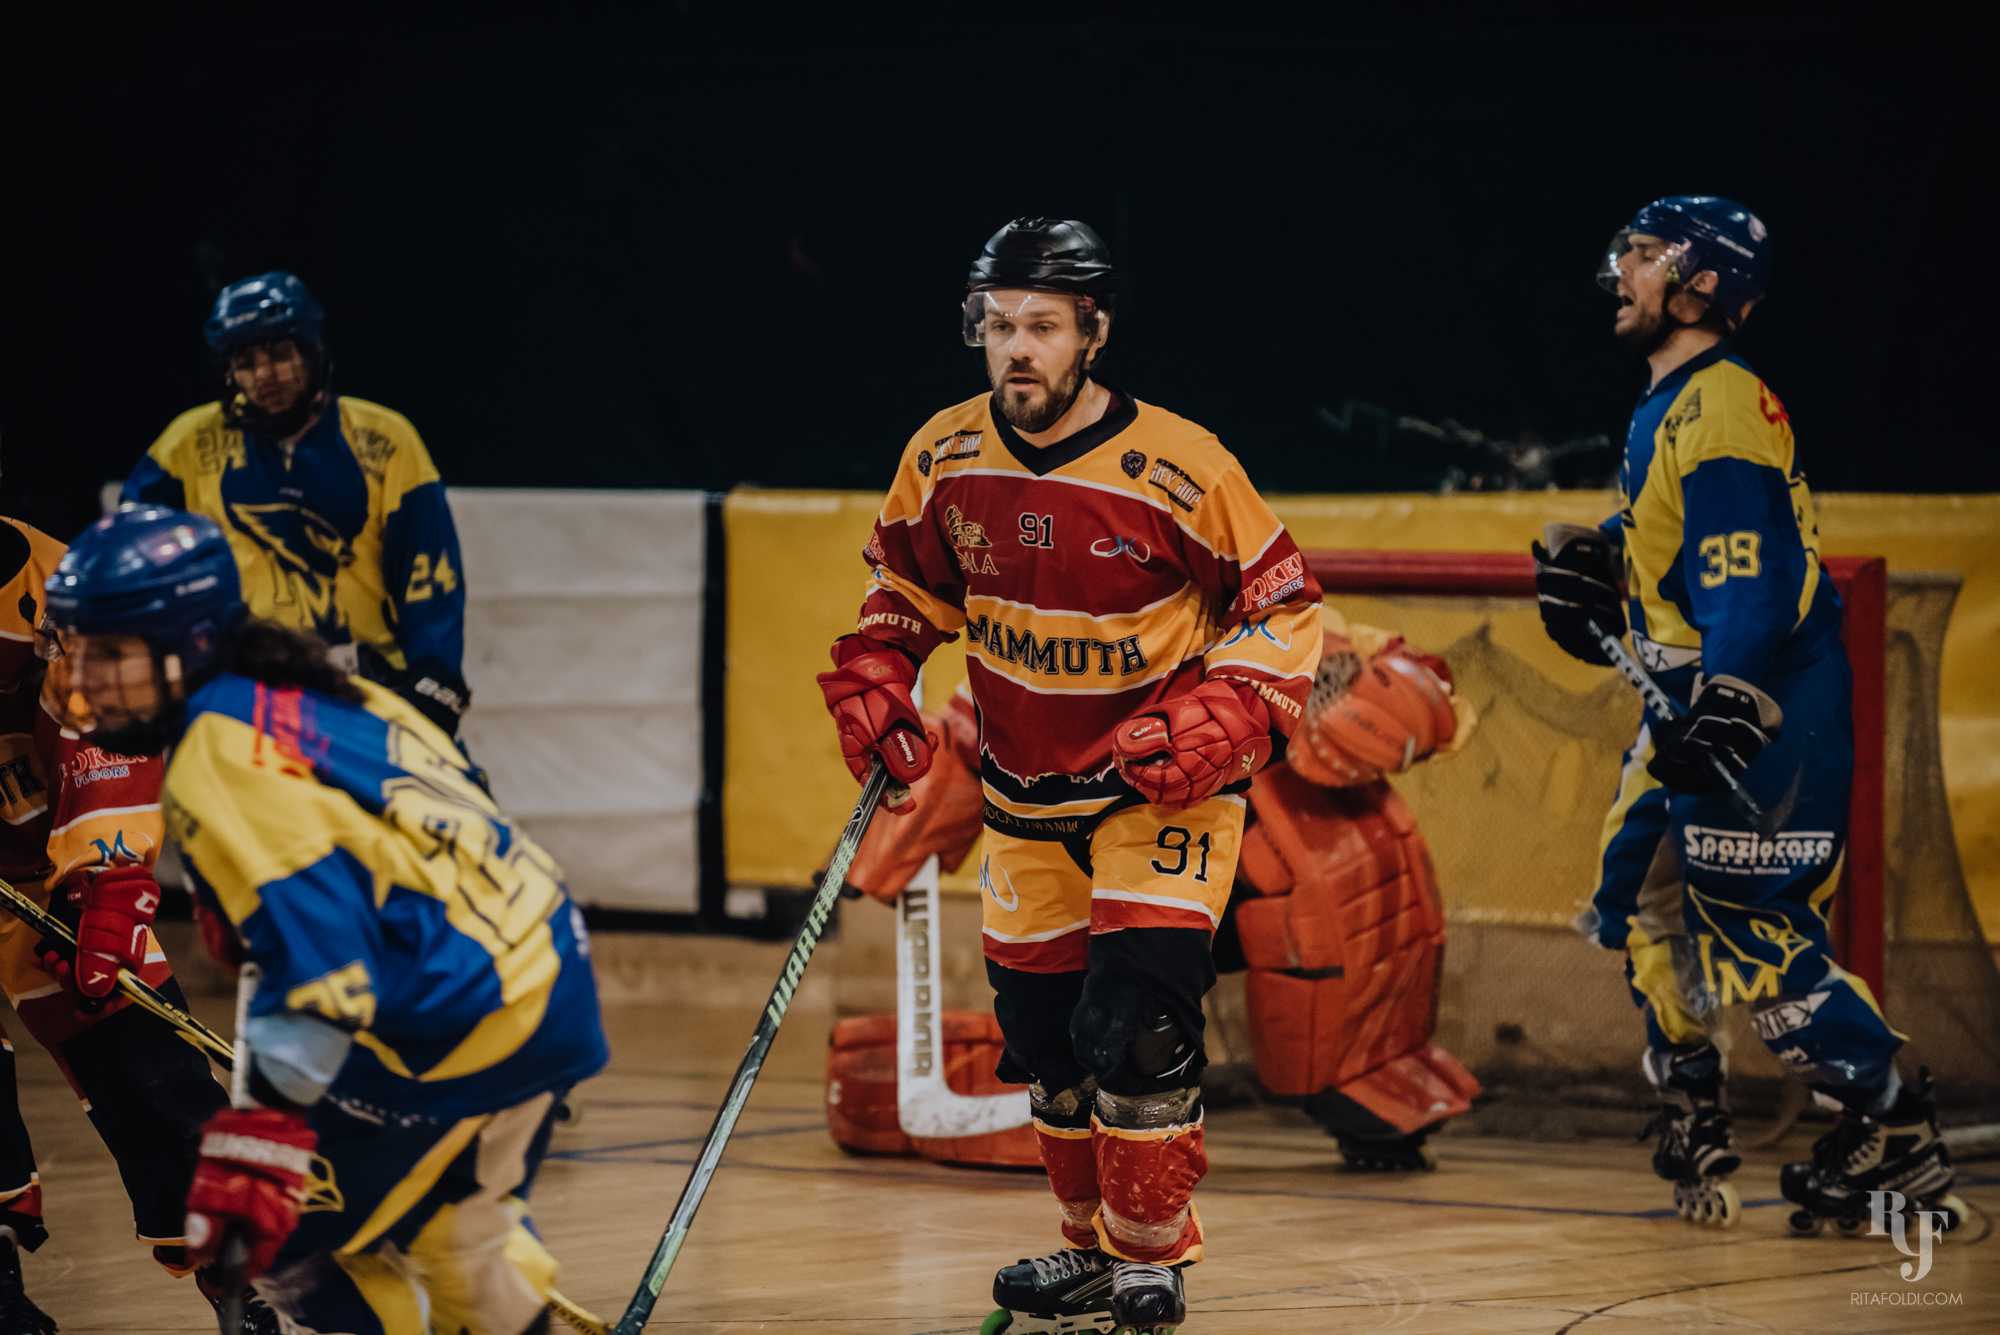 hockey inline roma, roma hockey, rome hockey, hockey mammuth, mammuth roma, hockey in rome, rita foldi photography